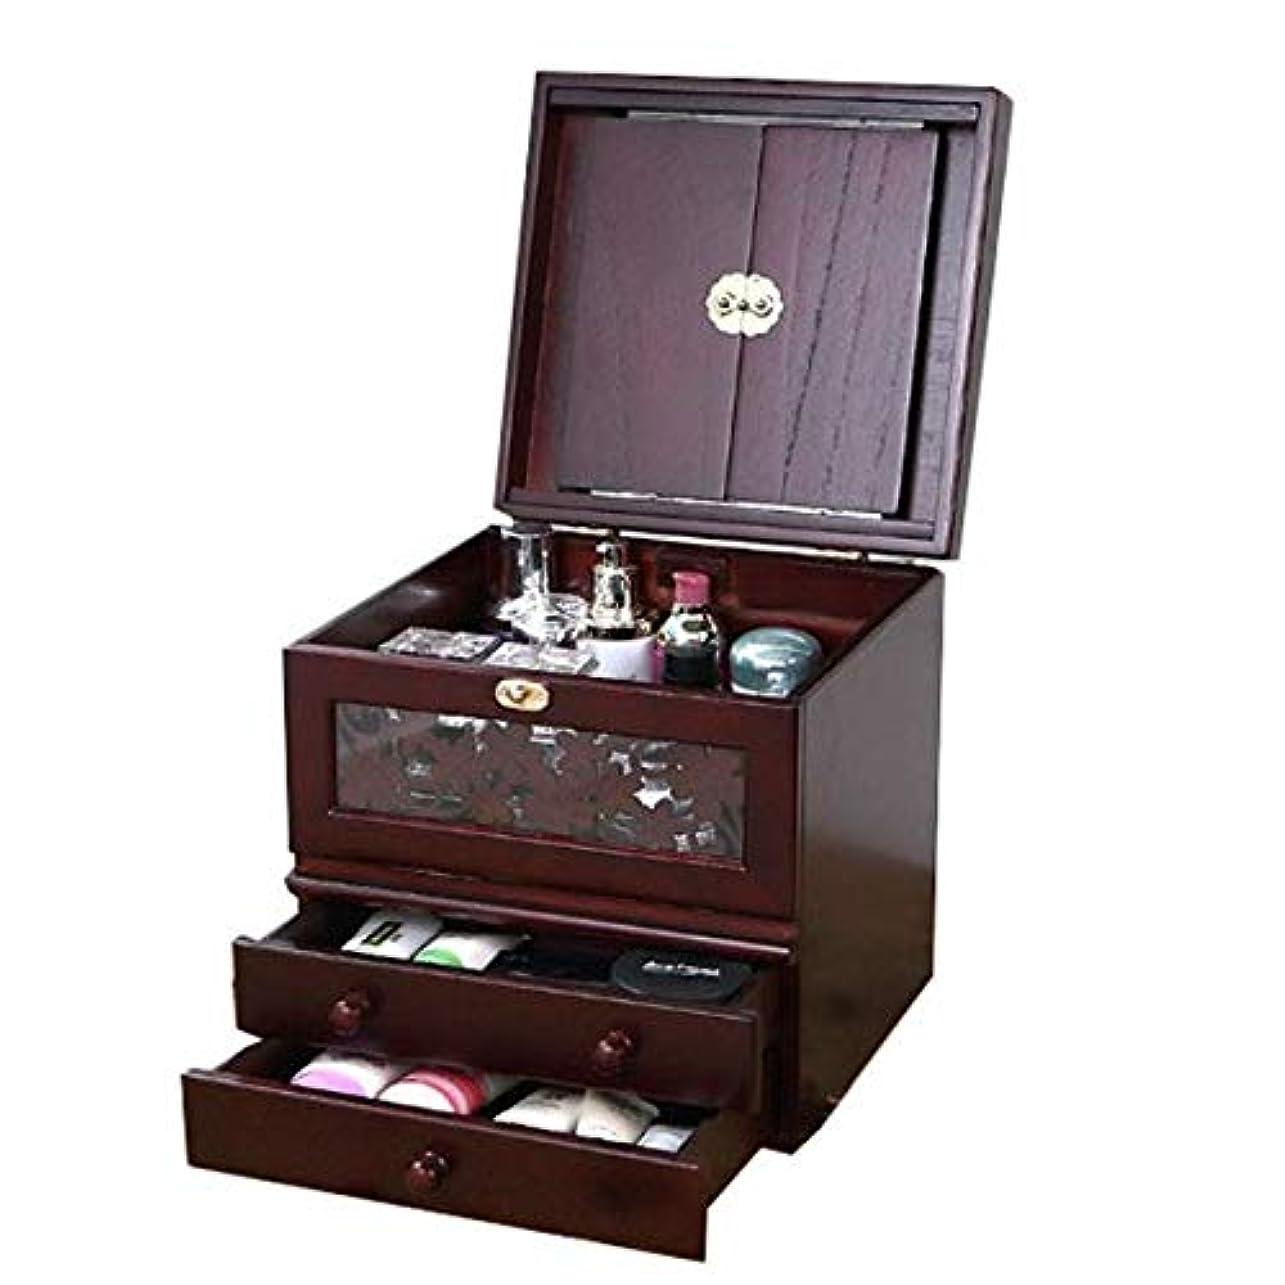 懺悔どちらも喪化粧箱、ミラー付きヴィンテージ木製化粧品ケースの3層、ハイエンドの結婚祝い、新築祝いのギフト、美容ネイルジュエリー収納ボックス